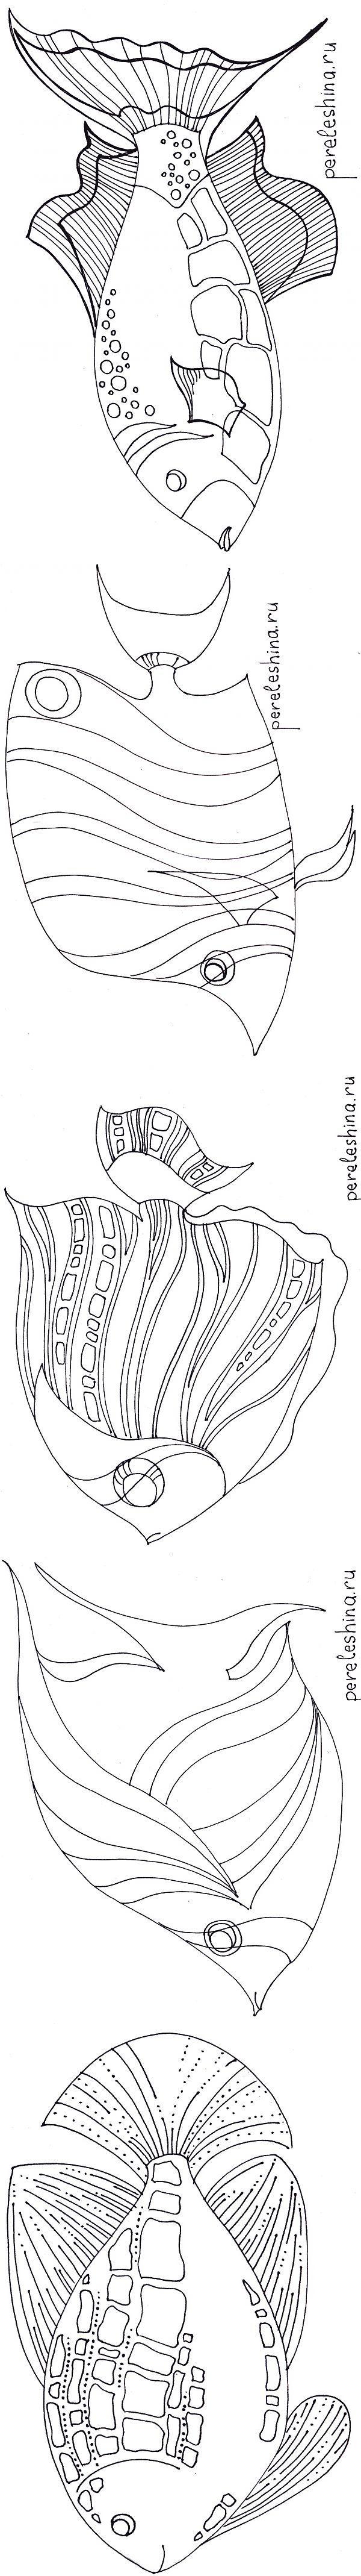 Трафареты рыб от Ирины Перелешиной | БАТИК и Я